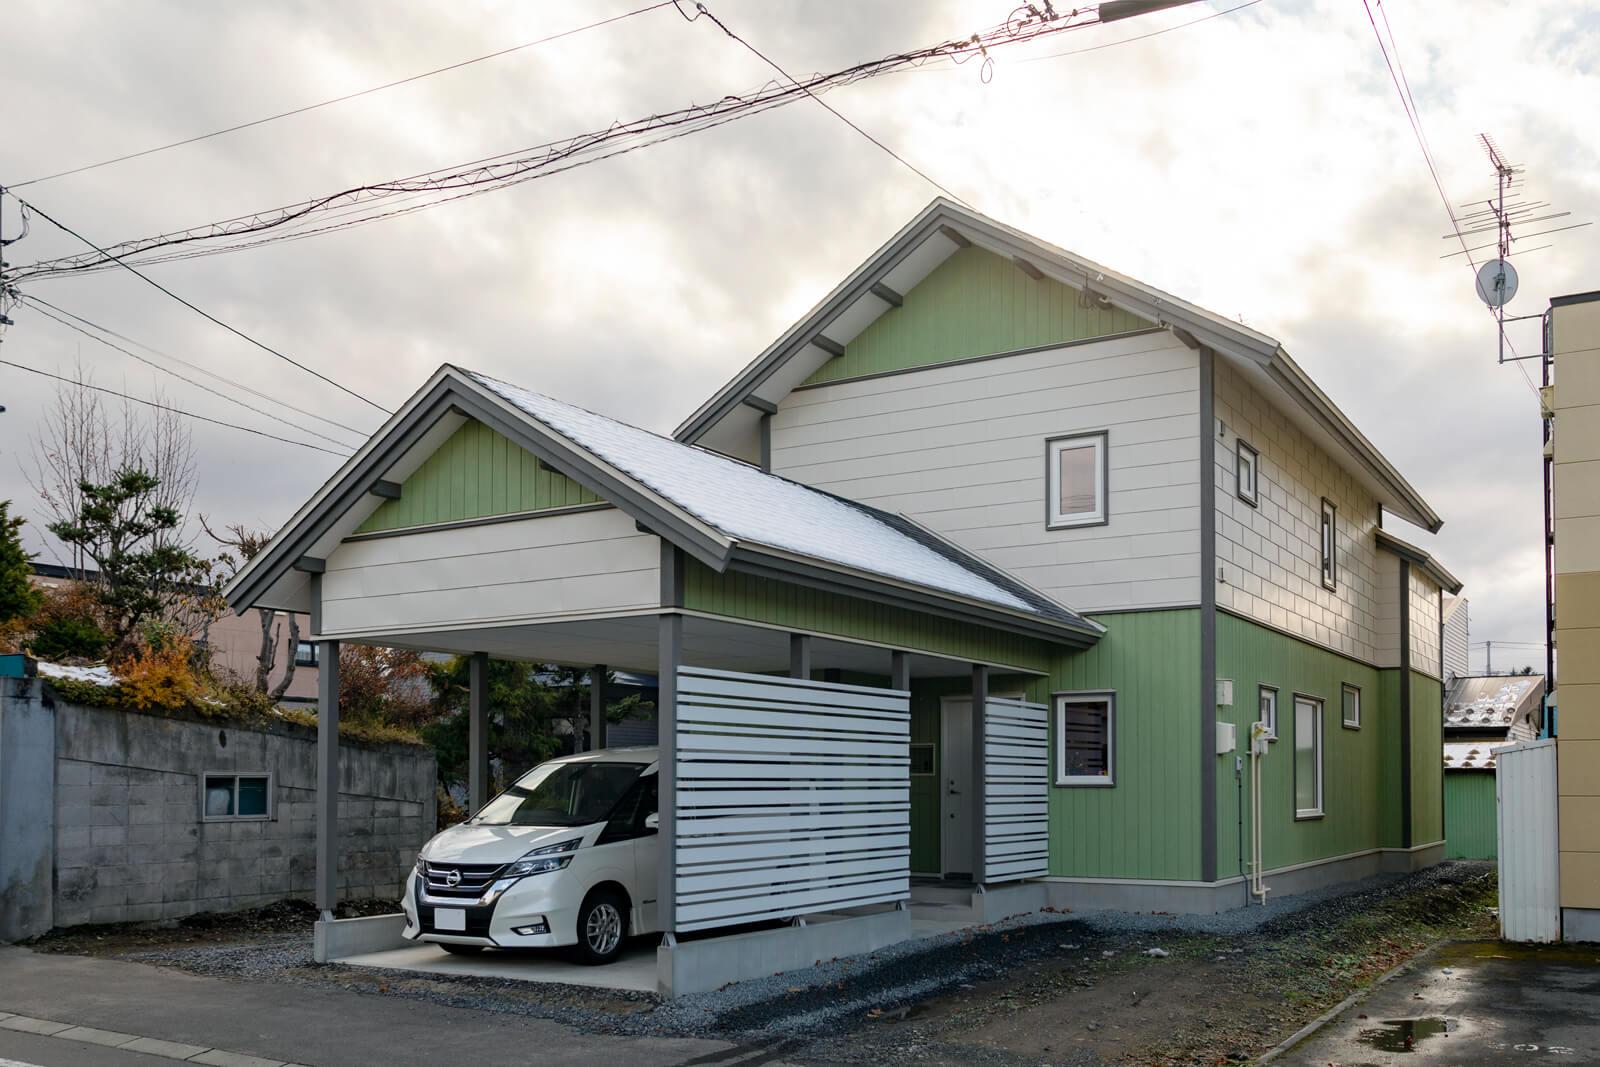 グリーンとホワイトをベースにした明るい雰囲気の三角屋根の外観